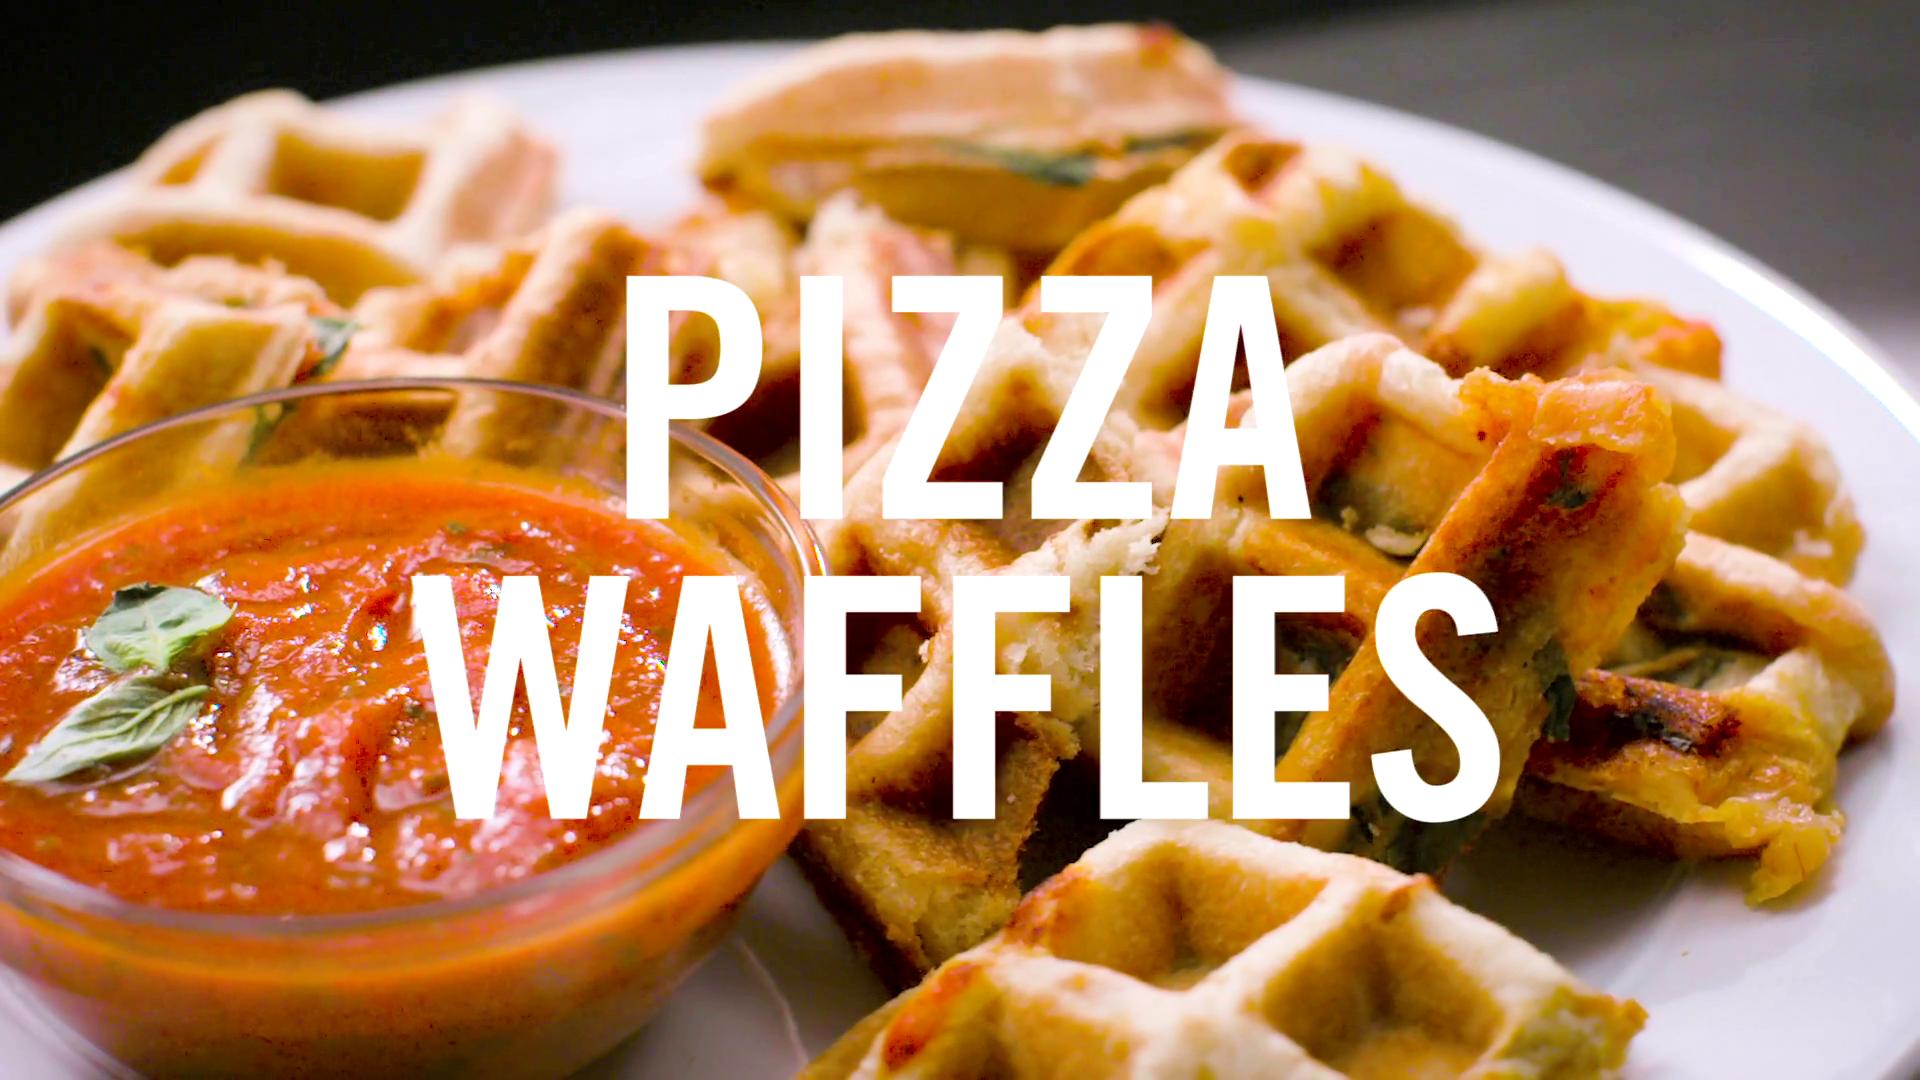 Pizza Waffle Bites | Babble Eats